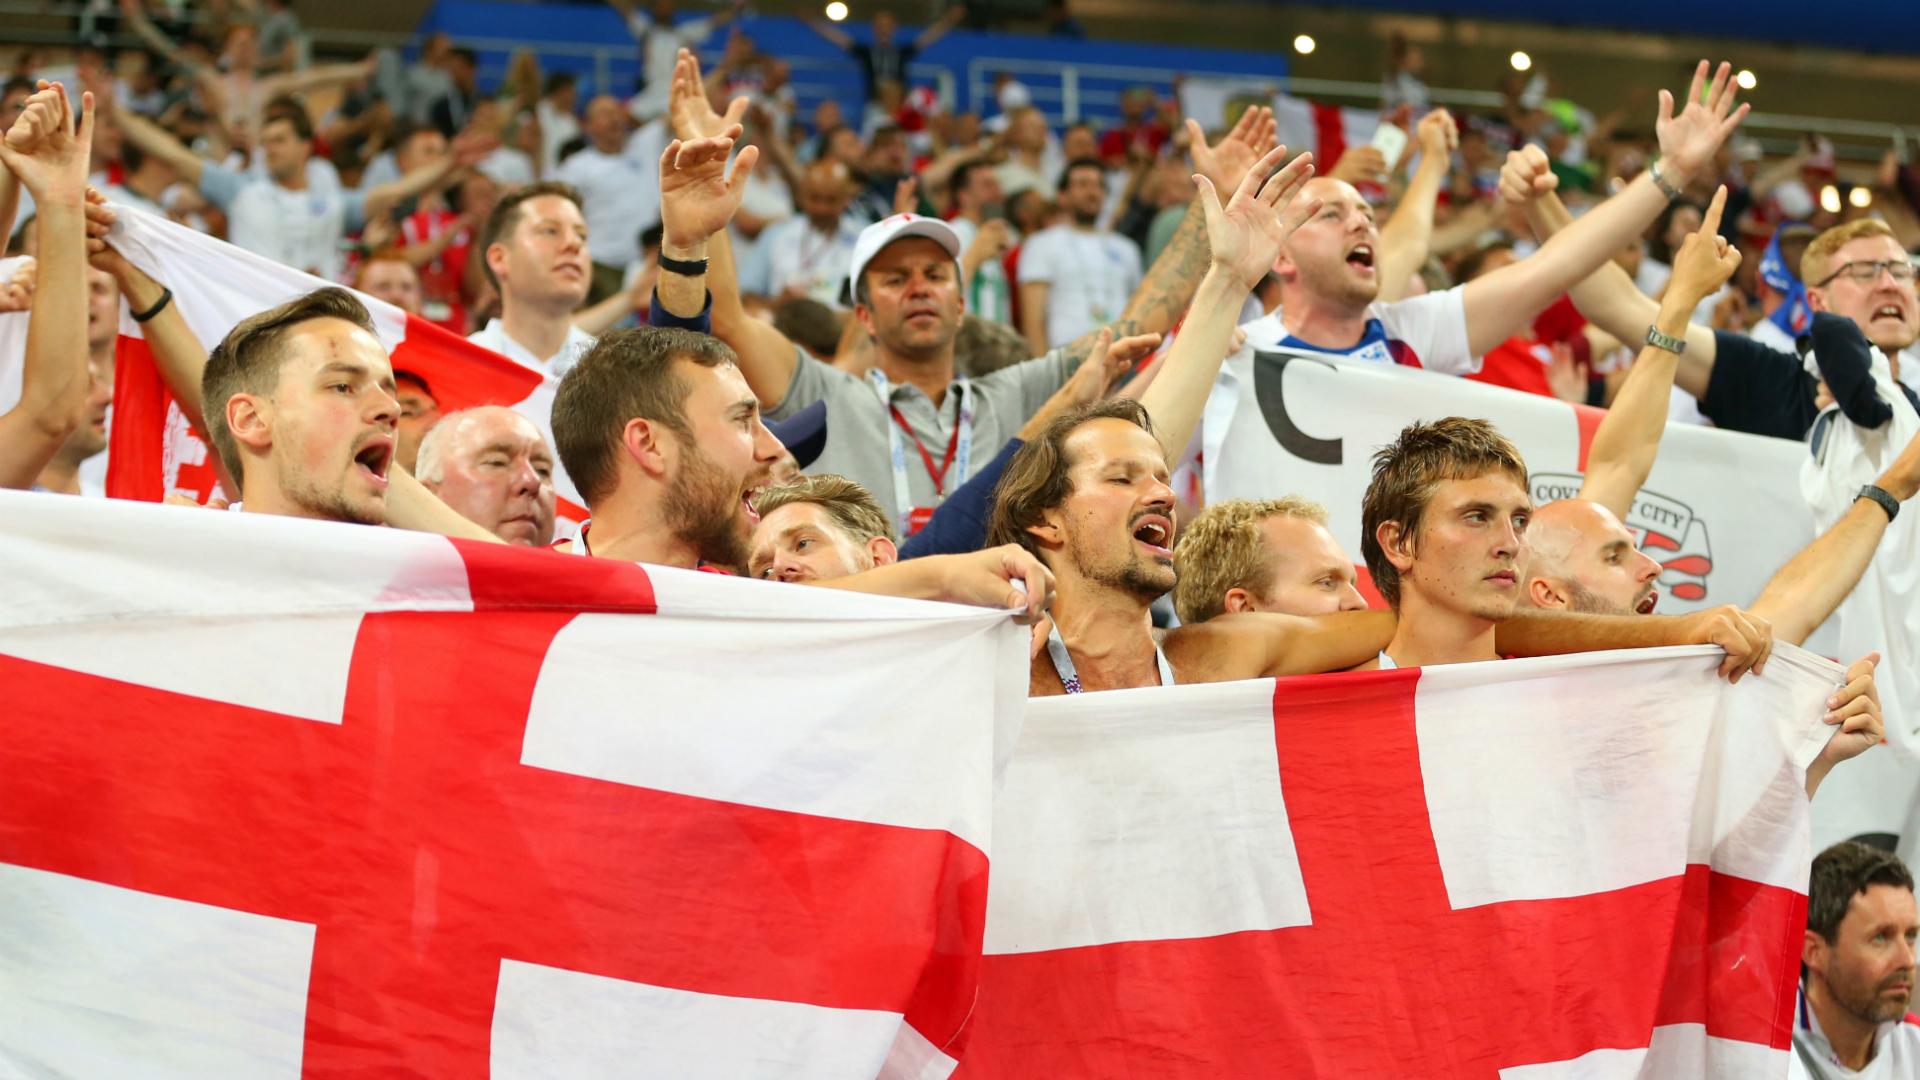 Inglaterra fans